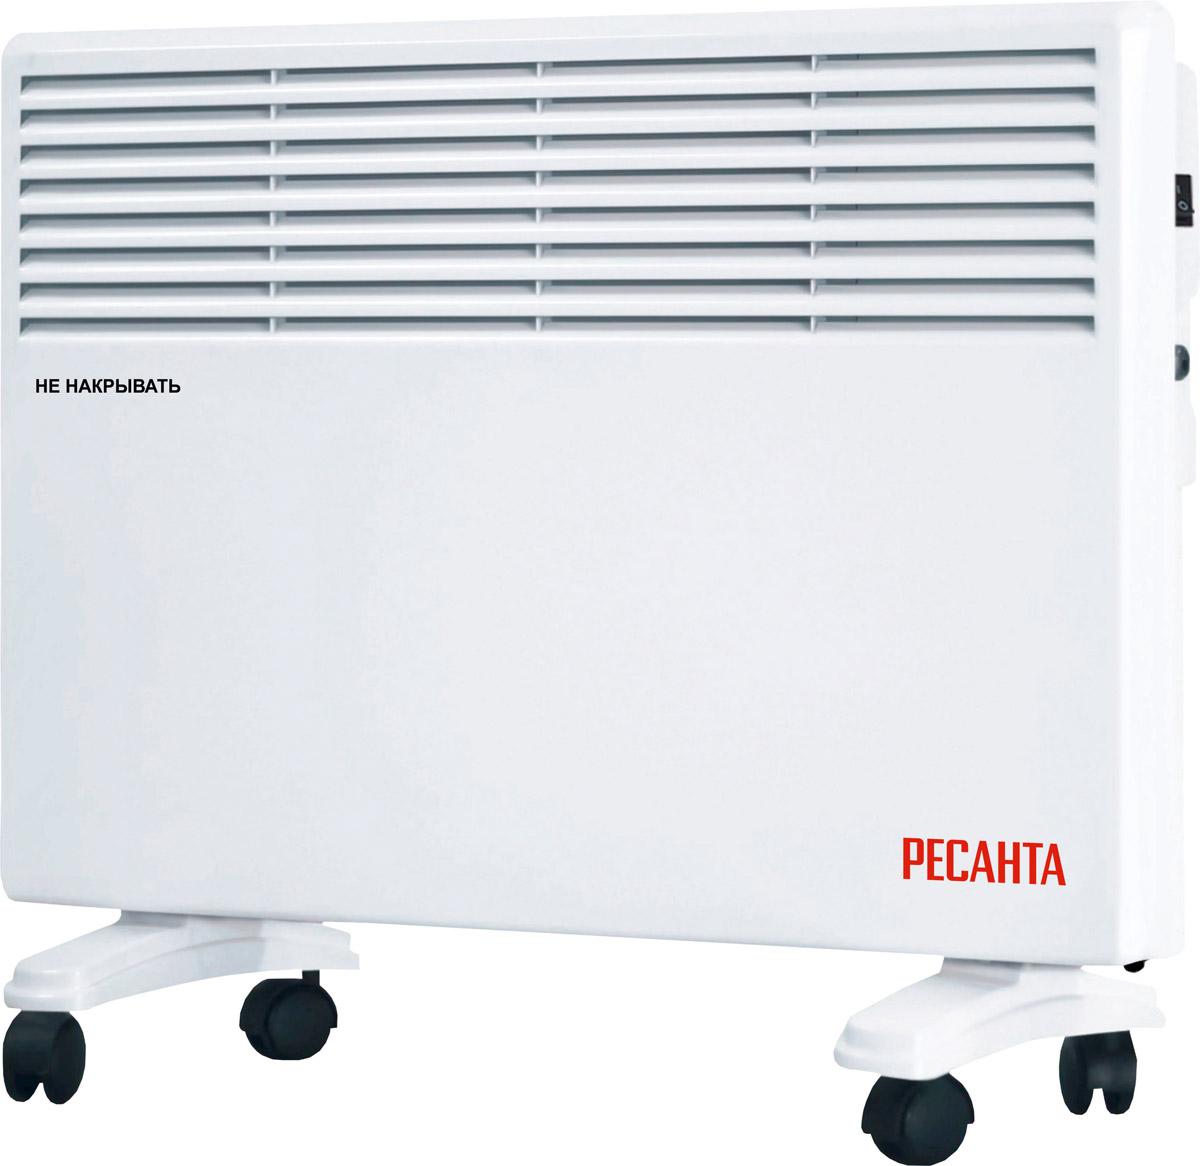 Ресанта ОК-1500Е (LED) конвектор67/4/13Напряжение - 220-230 В Номинальная частота - 50 Гц Потребляемая мощность (по режимам) - 750/1500 Вт